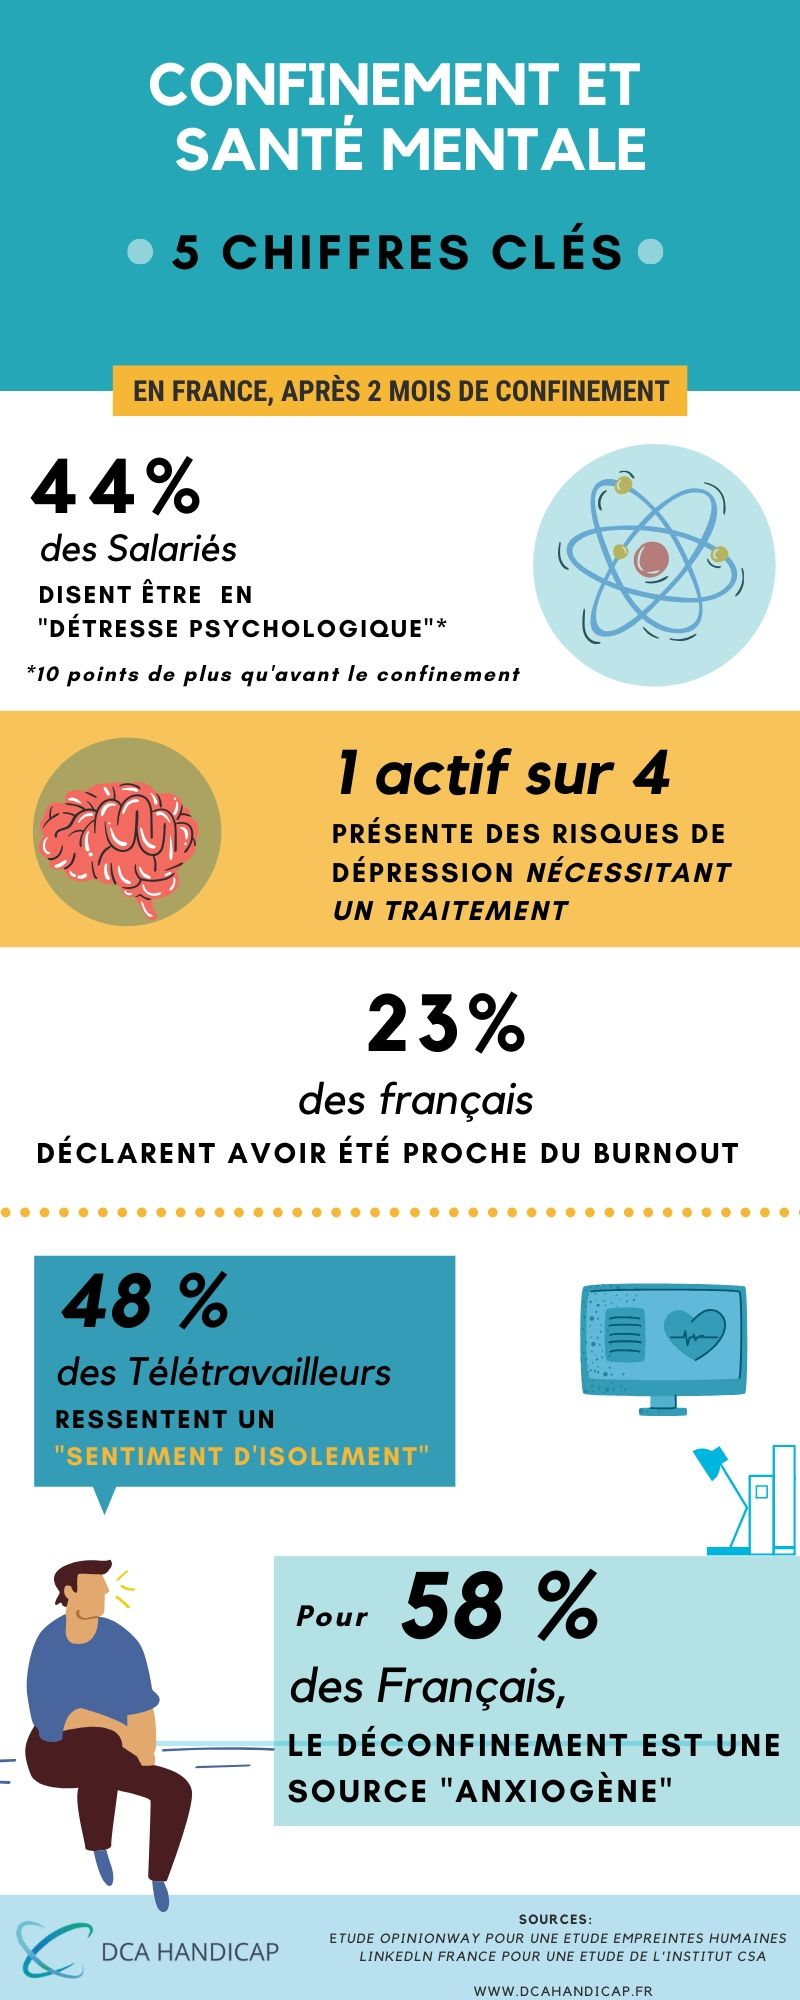 infographie DCA Handicap, spécialiste du handicap psychique à Paris, chiffres clés sur le confinement et ses conséquences sur la santé mentale